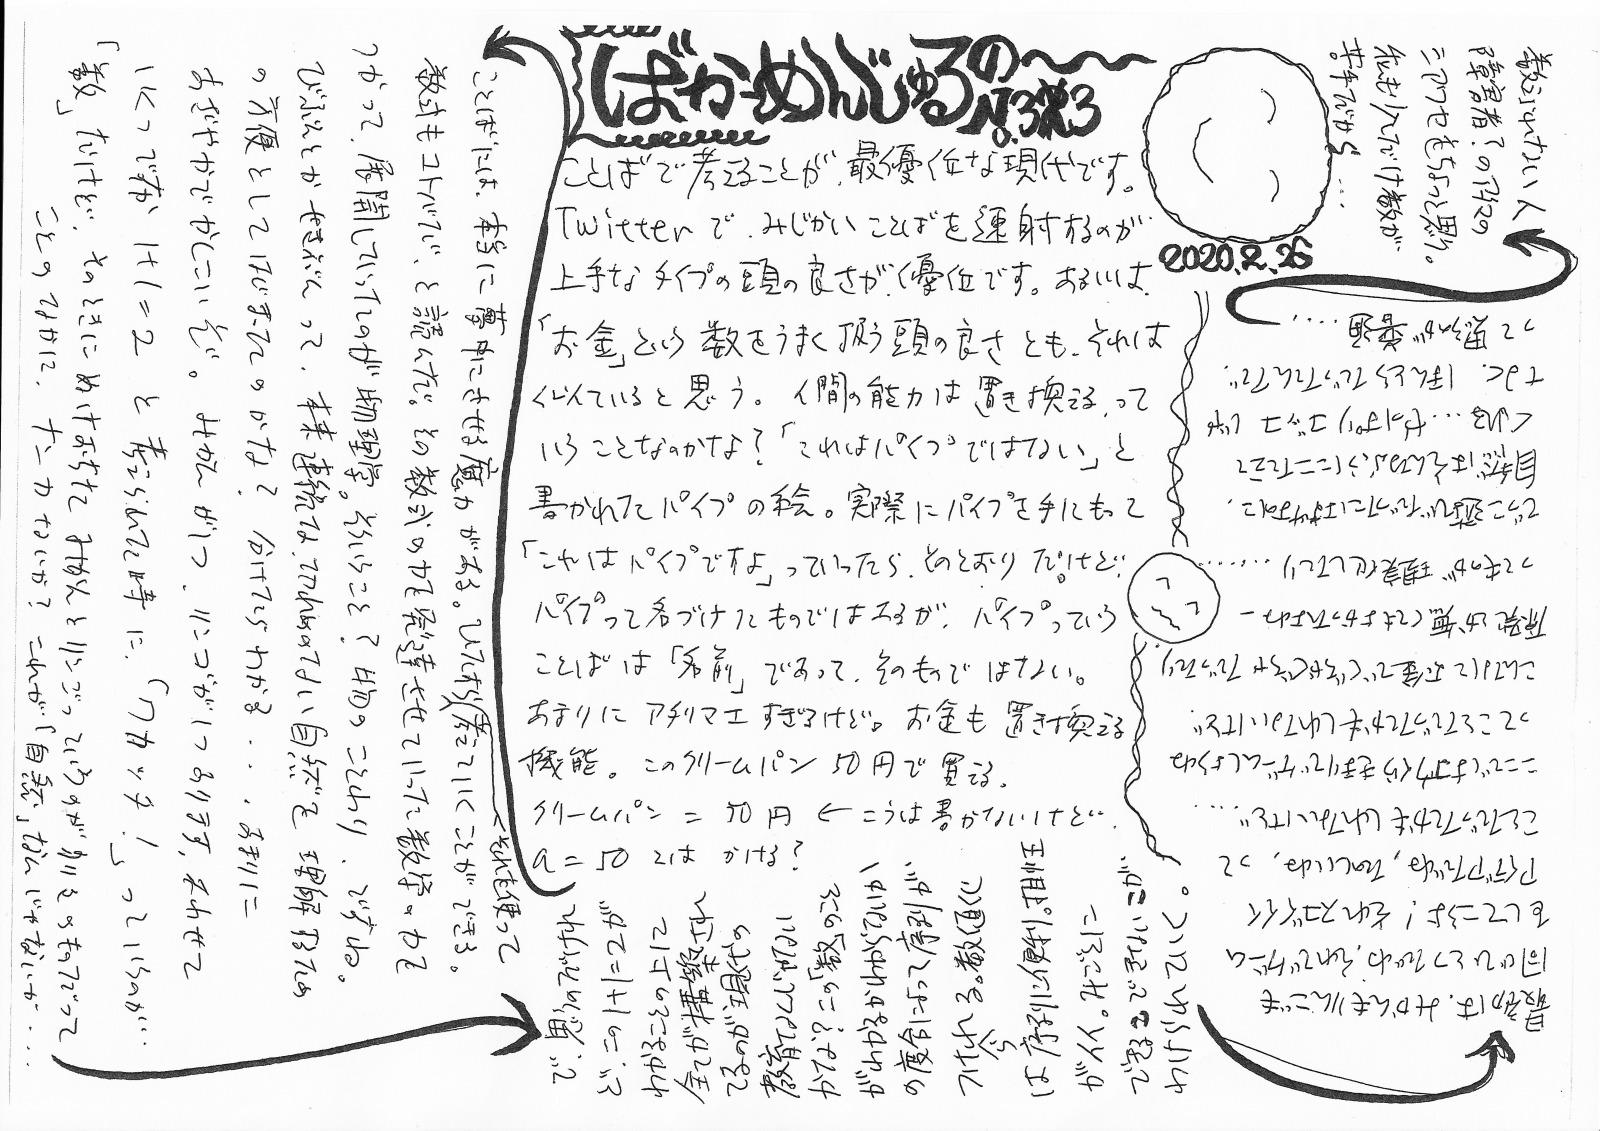 http://yoyamazaki.jp/blog/blog/%E3%81%B0%E3%81%8B%E3%83%BC%E3%82%81%E3%82%93%E3%81%98%E3%82%85%E3%82%8B%E3%81%AE33.jpg